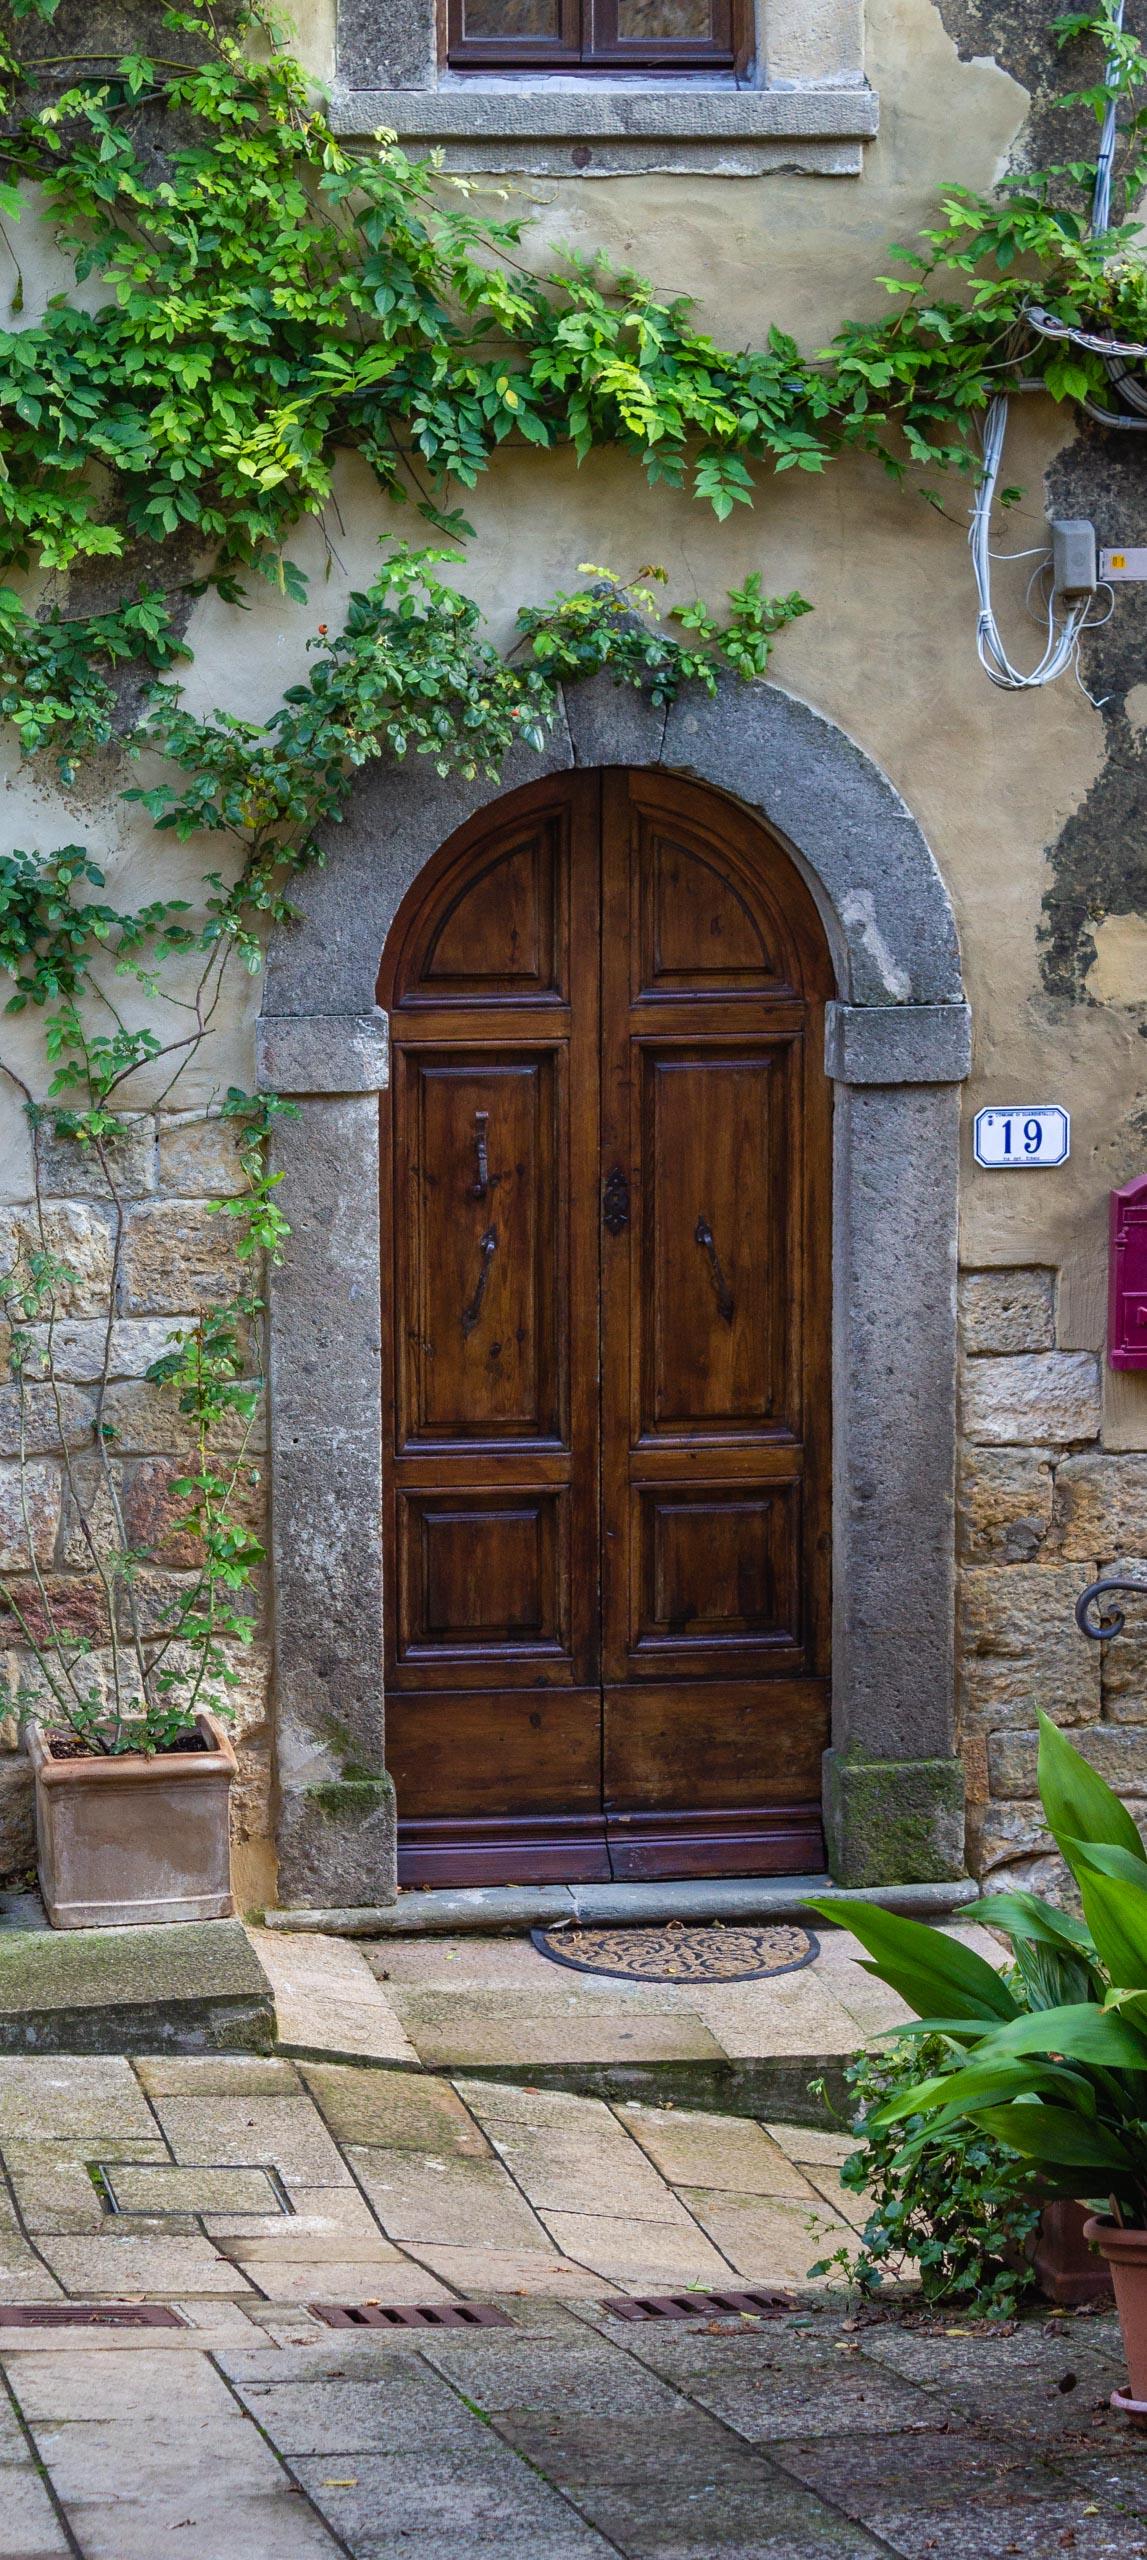 2013 10 Tuscany Guardistallo 002